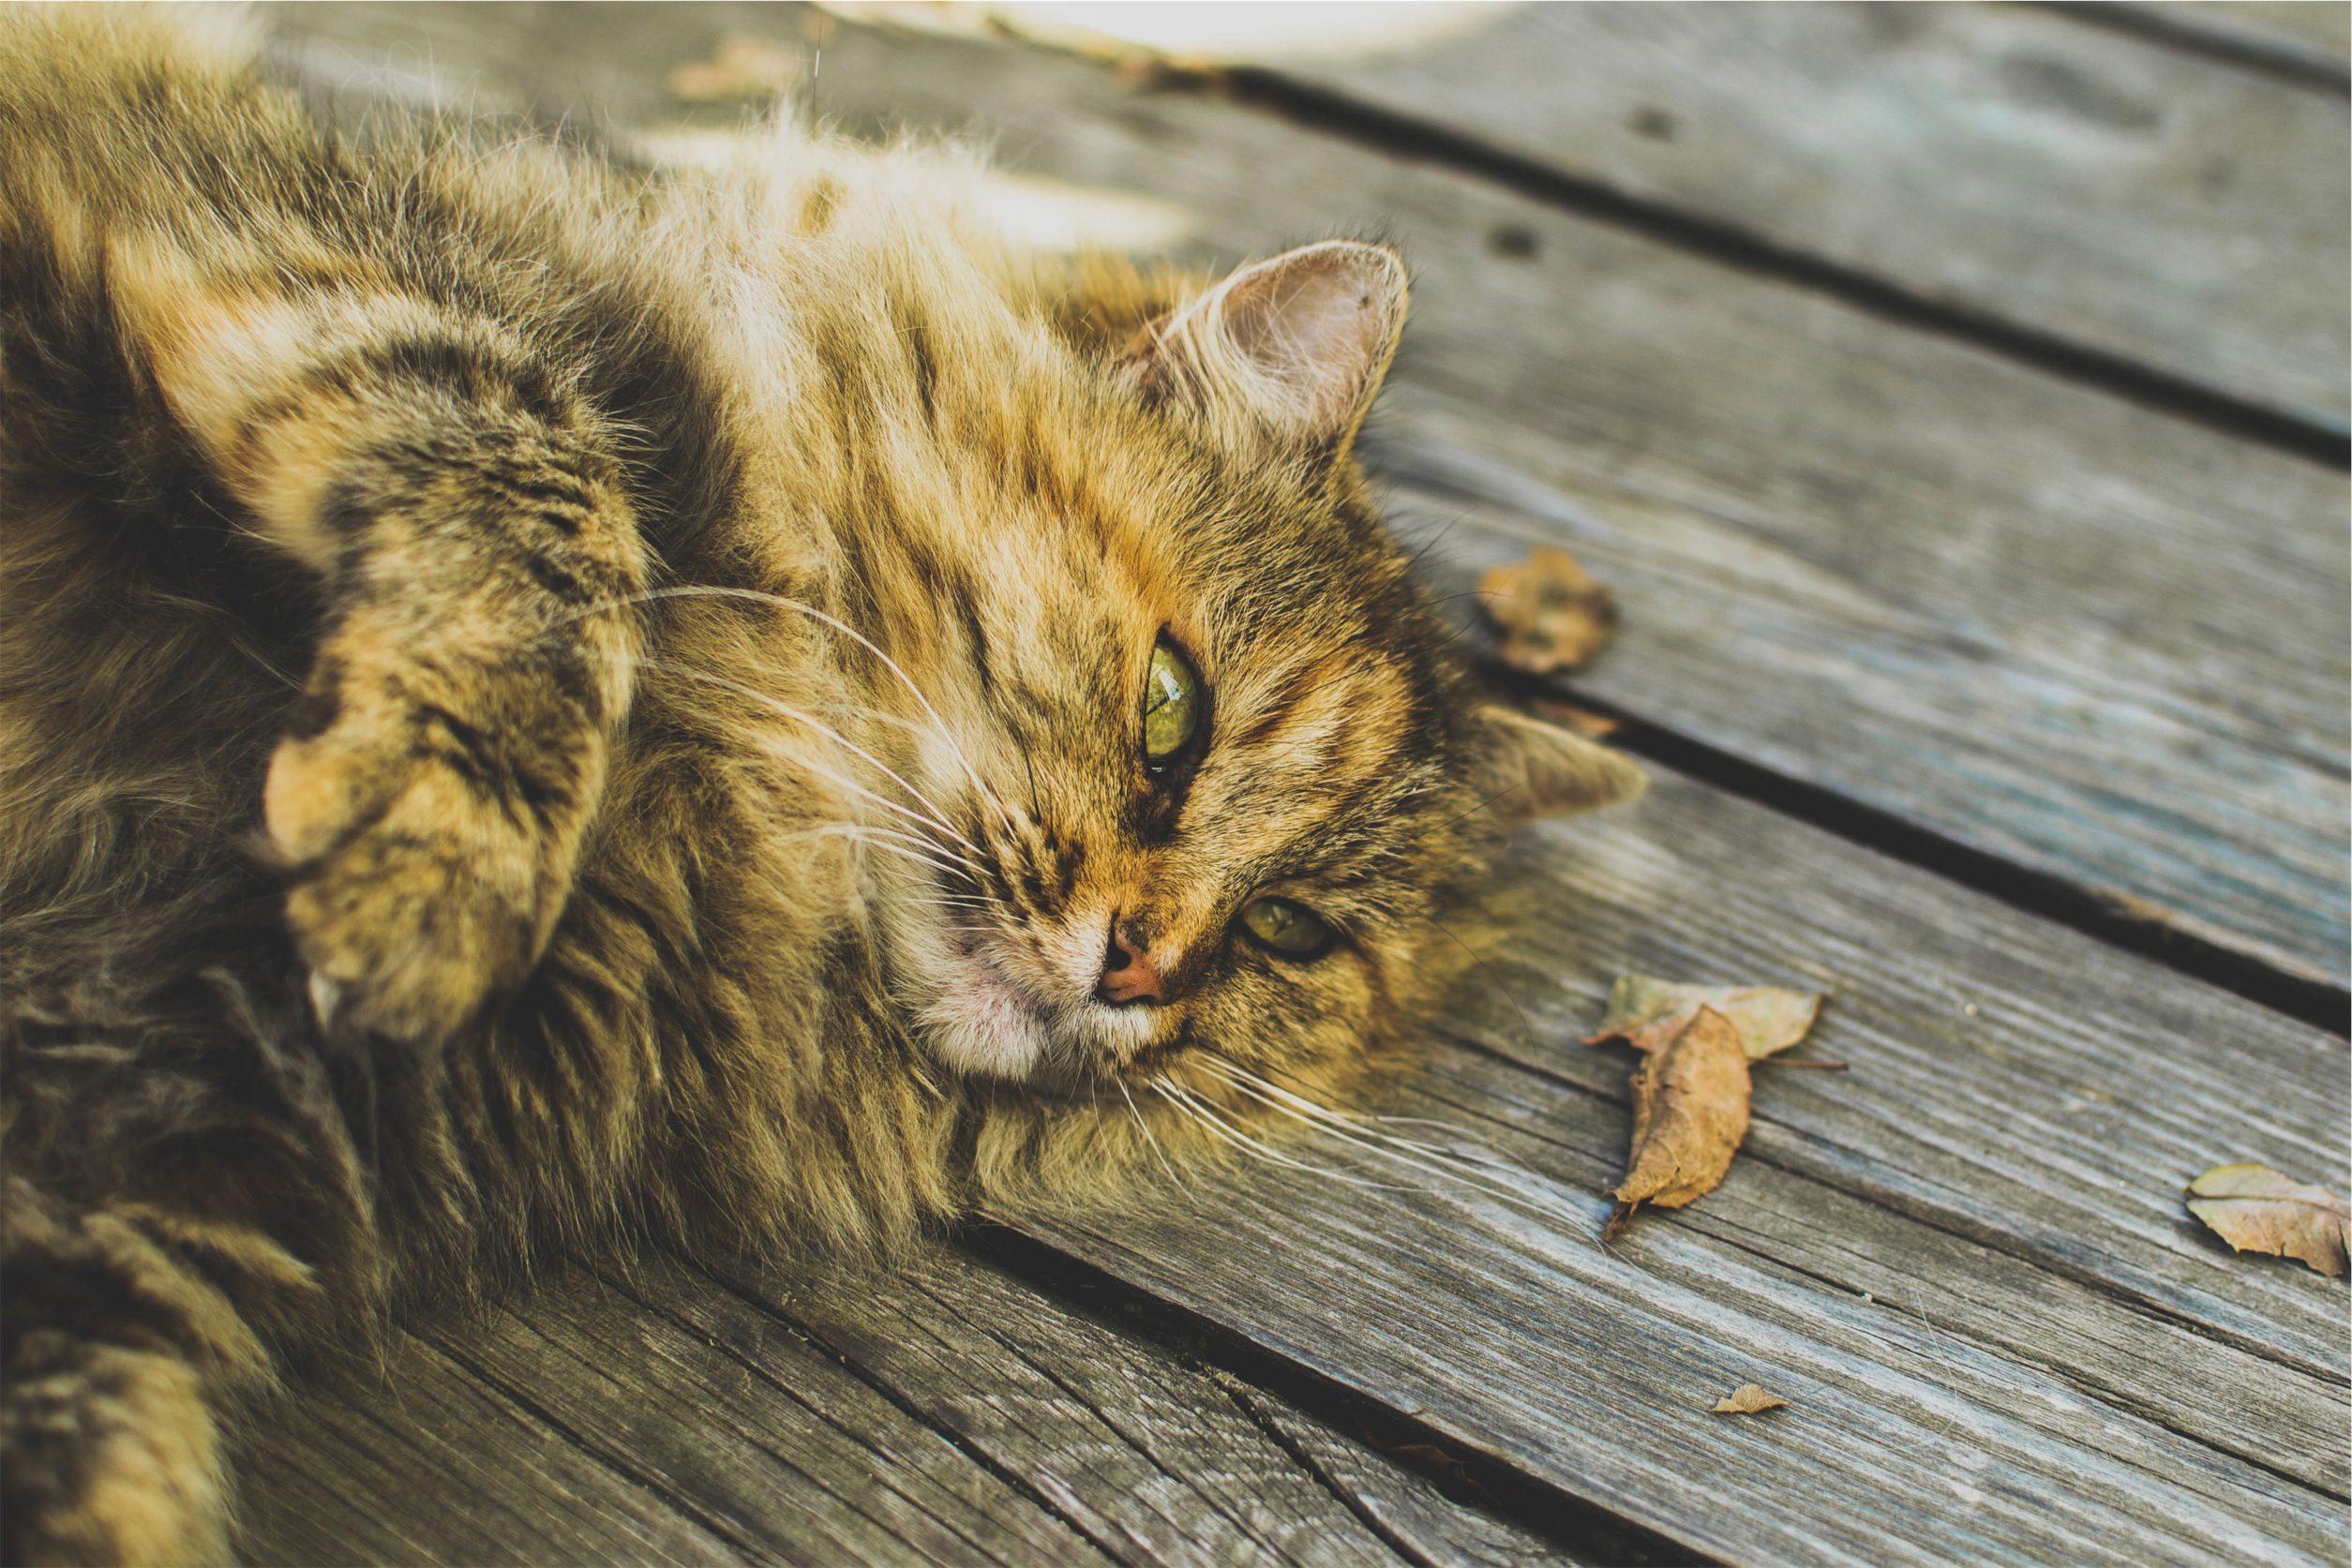 बिल्ली, आराम, मिट्टी, लकड़ी, देखो - HD वॉलपेपर - प्रोफेसर-falken.com